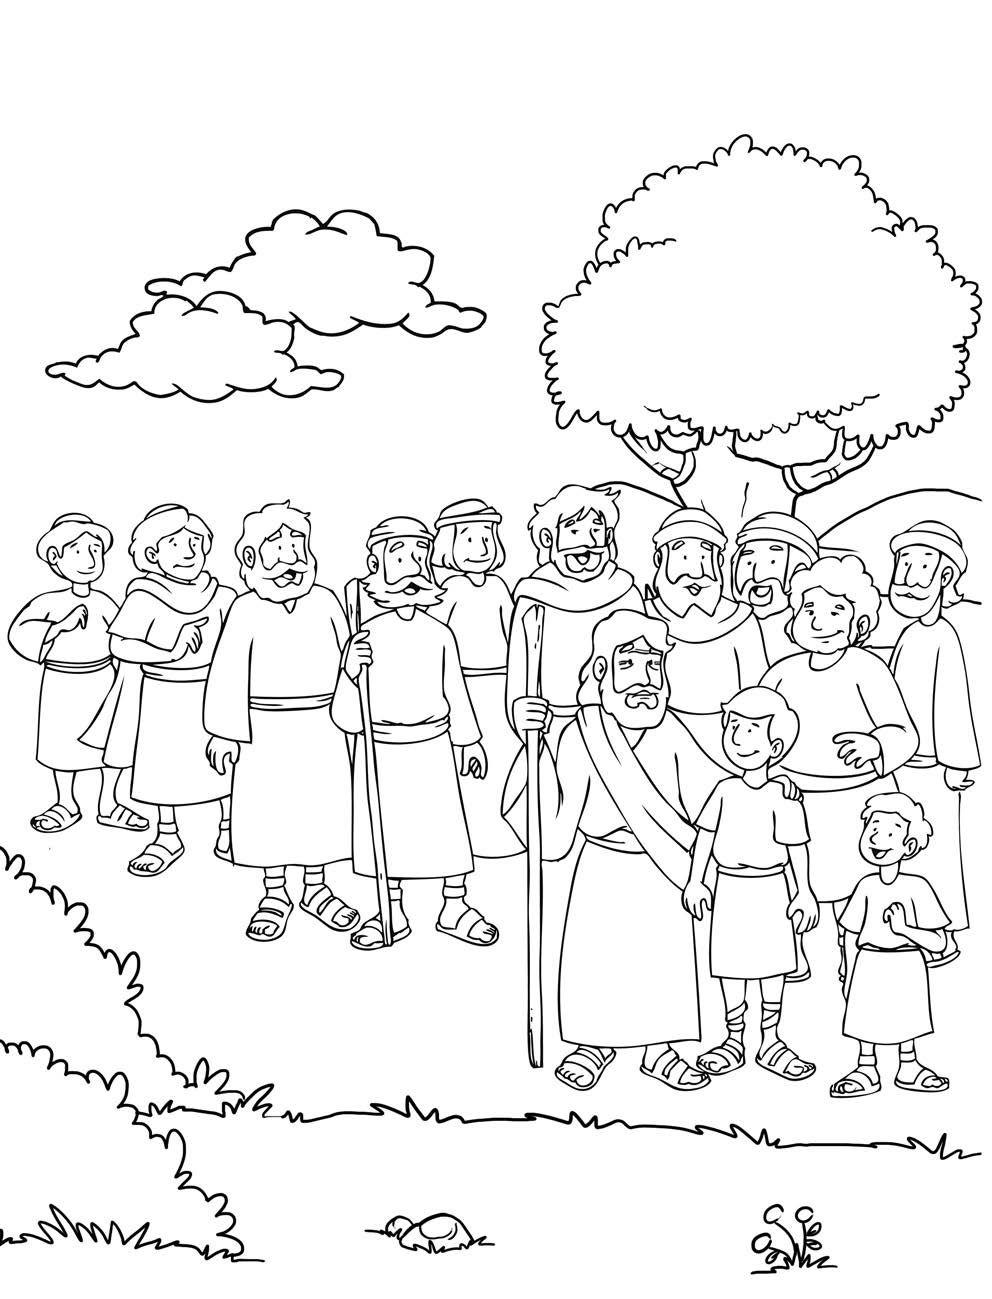 http://www.biblekids.eu/old_testament/jacob/jacob_coloring_great/jacob_18.jpg